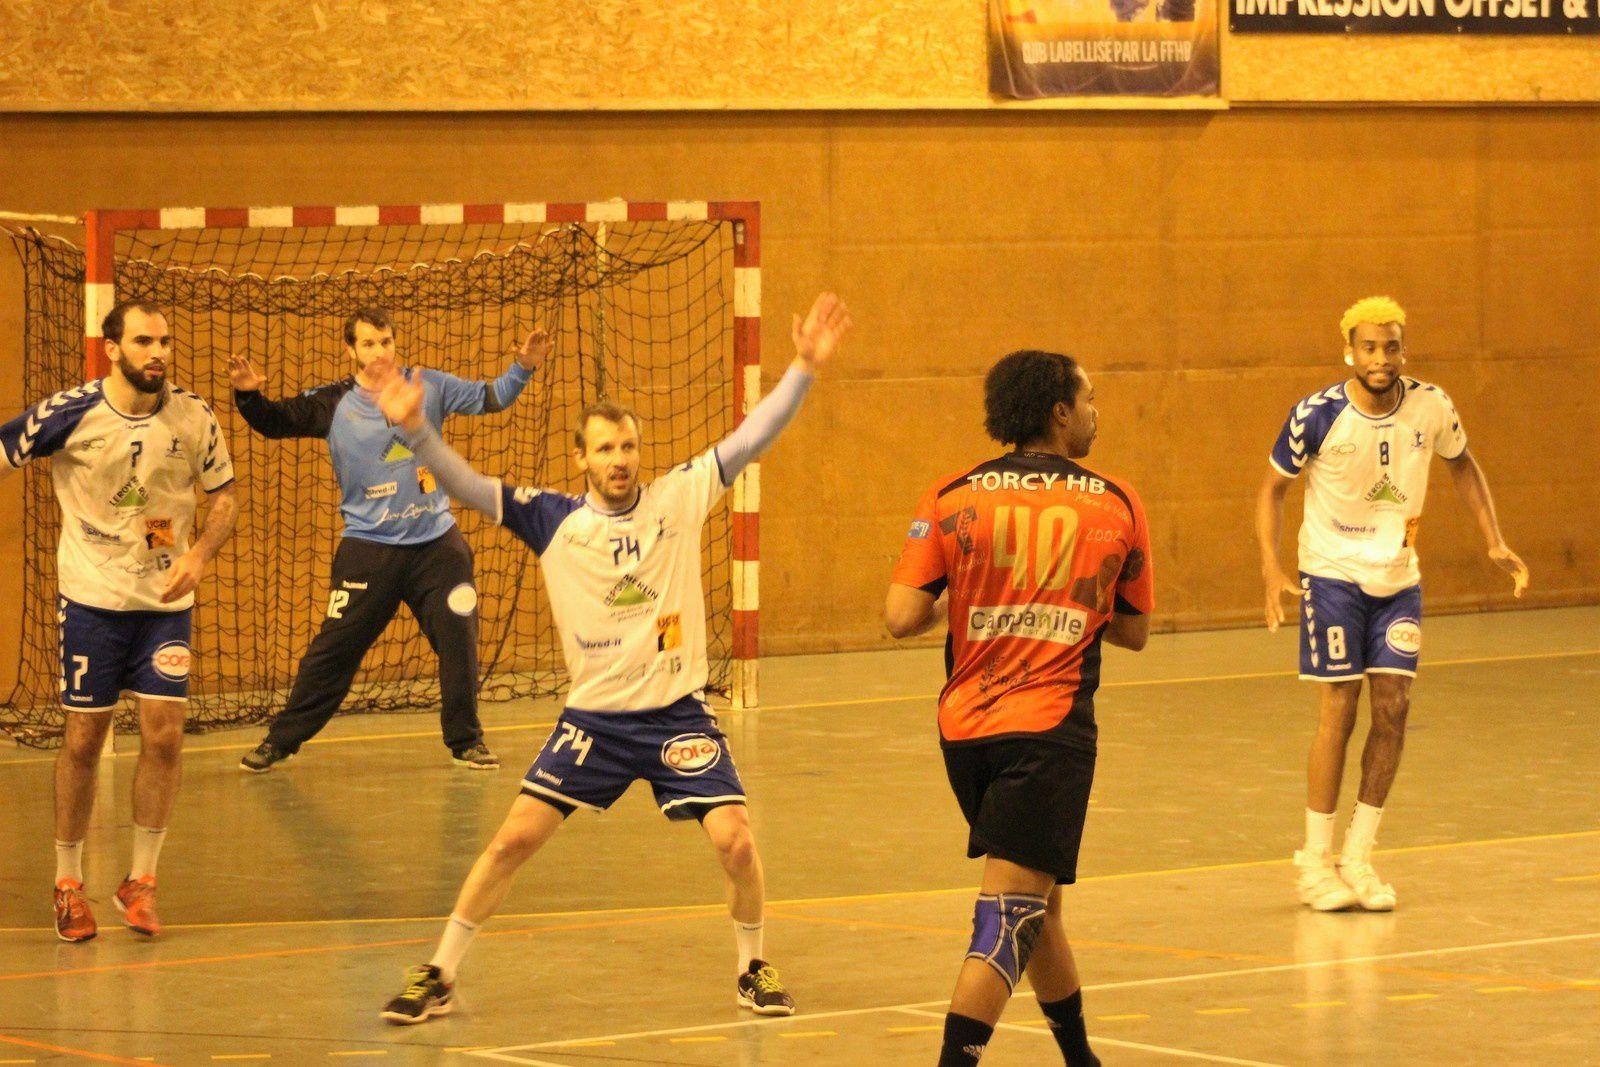 Livry-Gargan vs THBMLV 1 (1/2 Finale Coupe de la Ligue Nationaux) 05.05.17